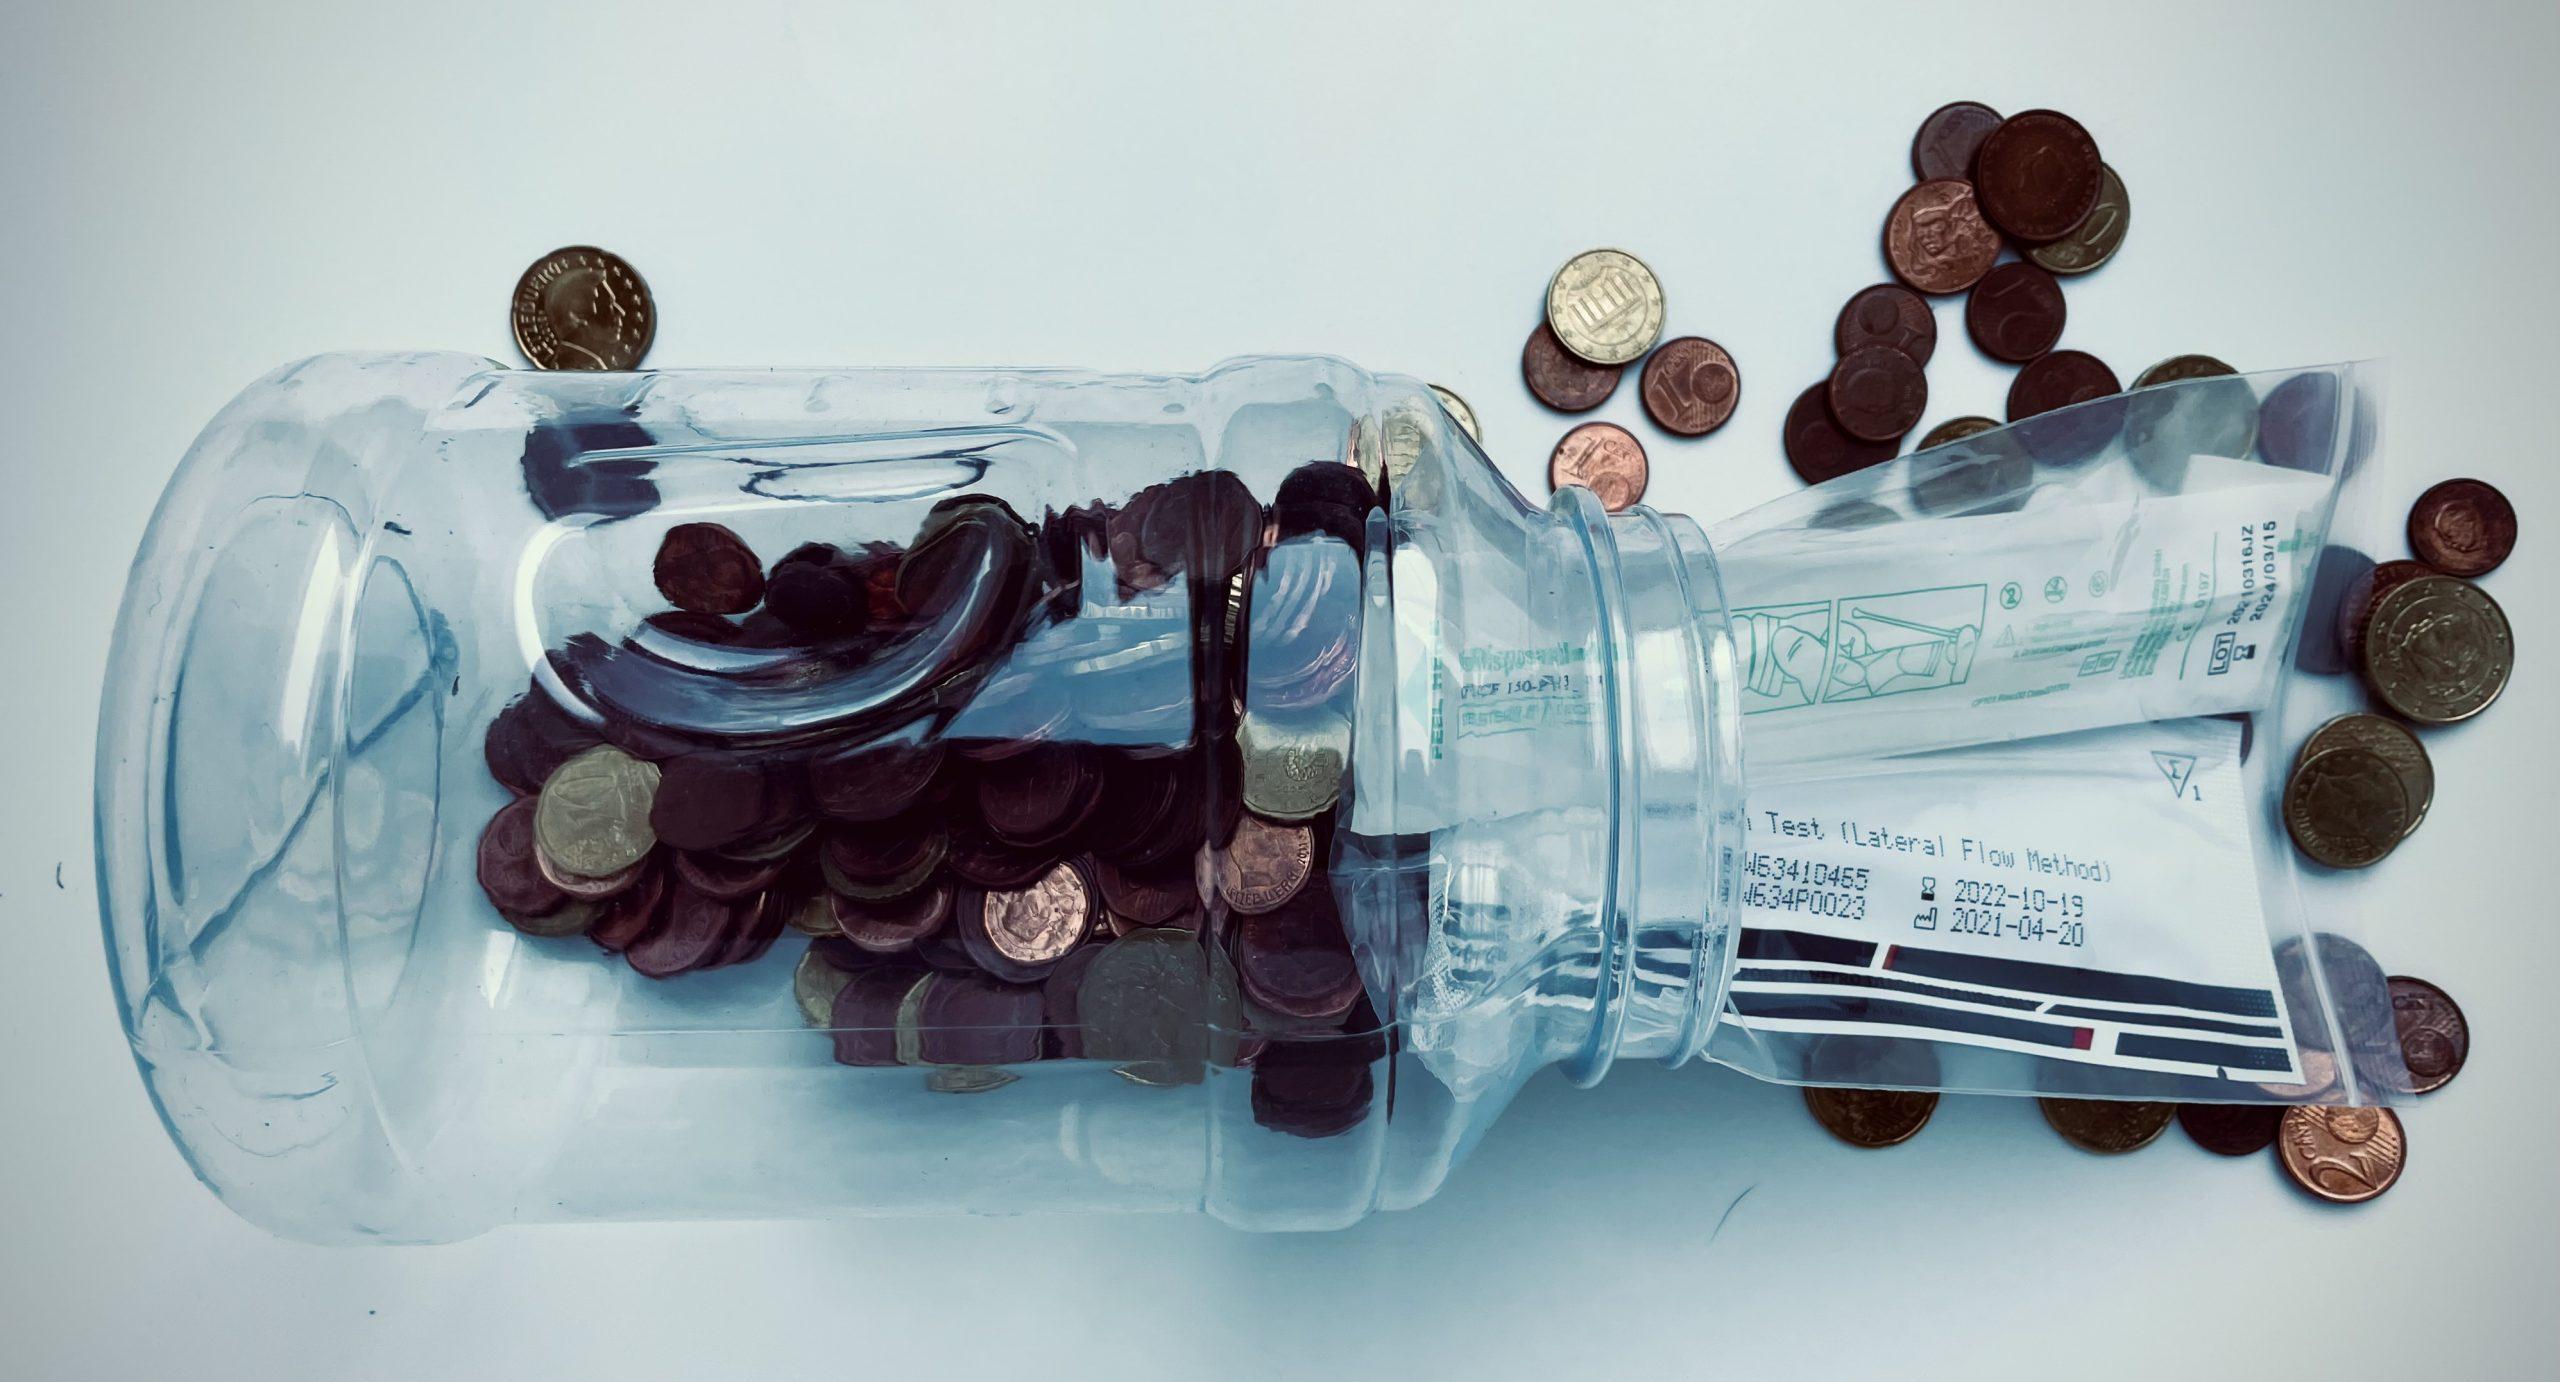 De l'épargne des ménages durant la crise Covid